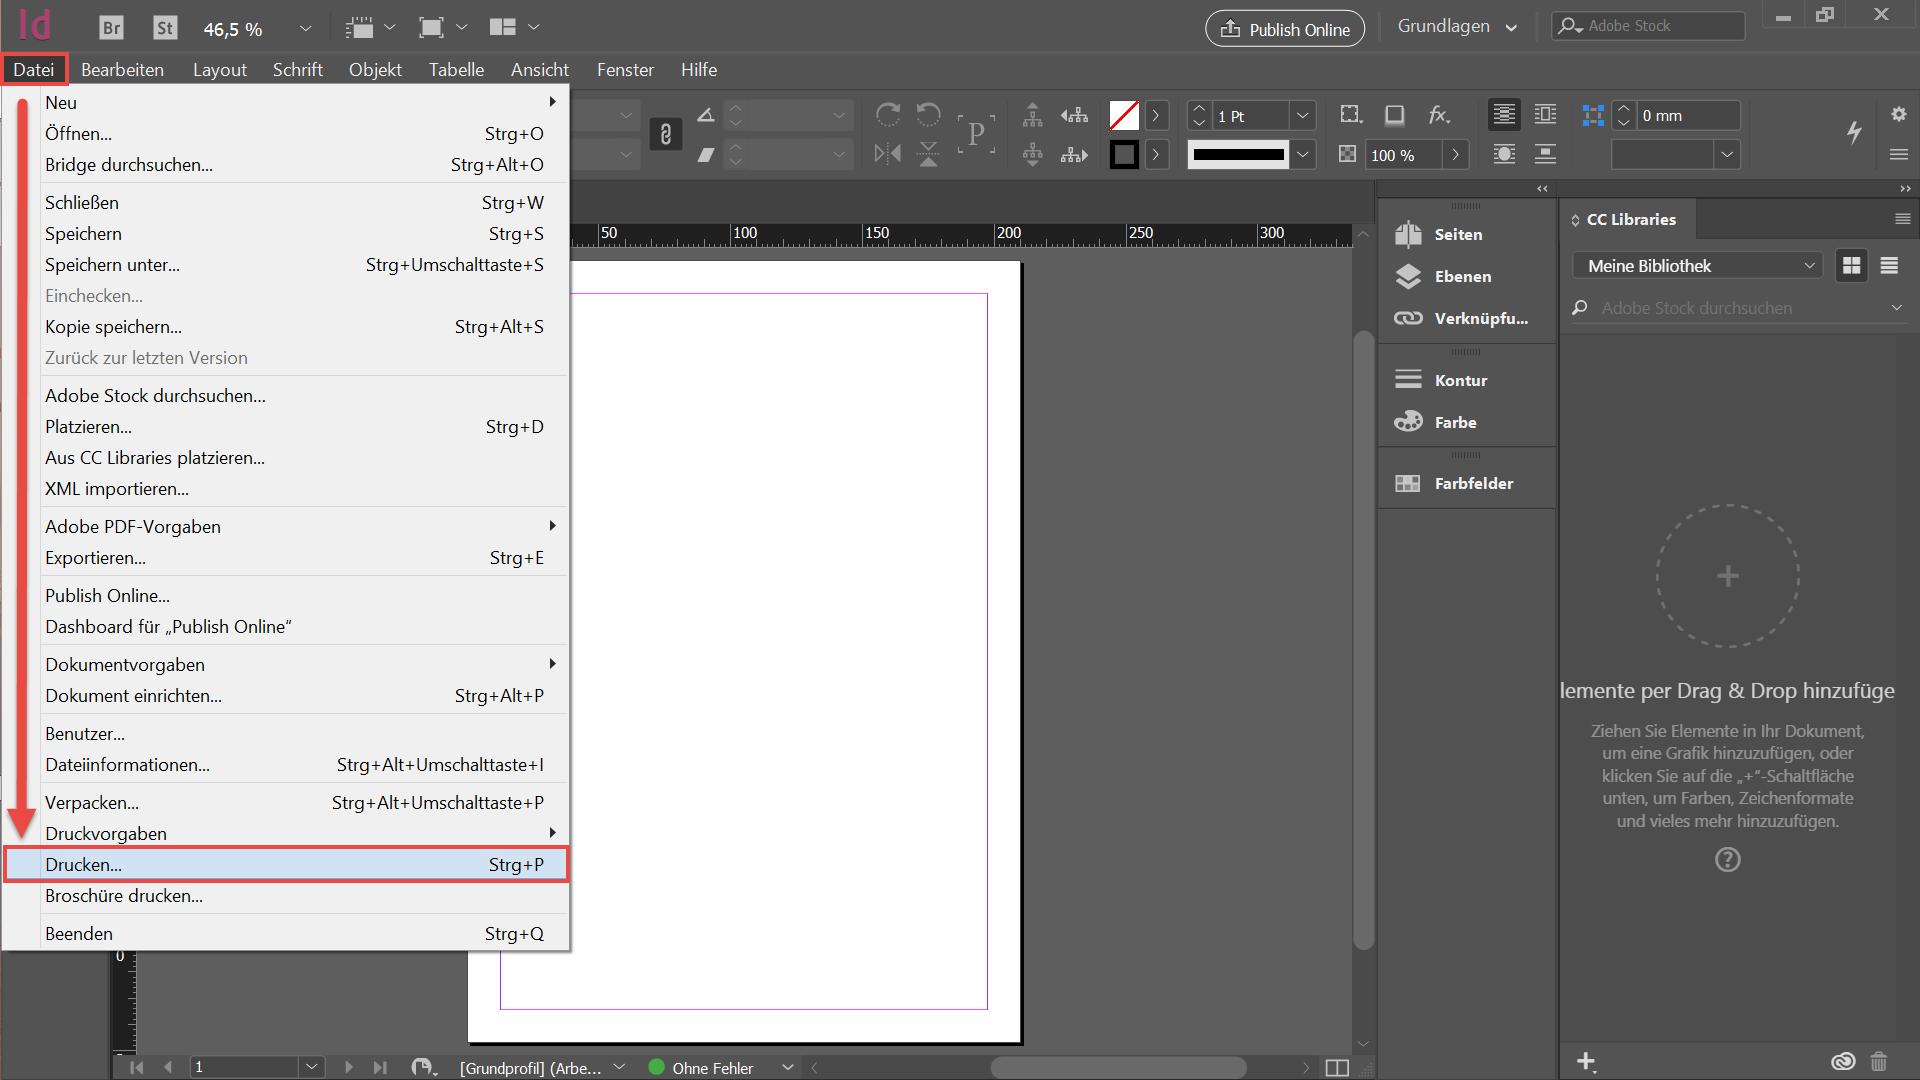 Adobe InDesign - Datei drucken